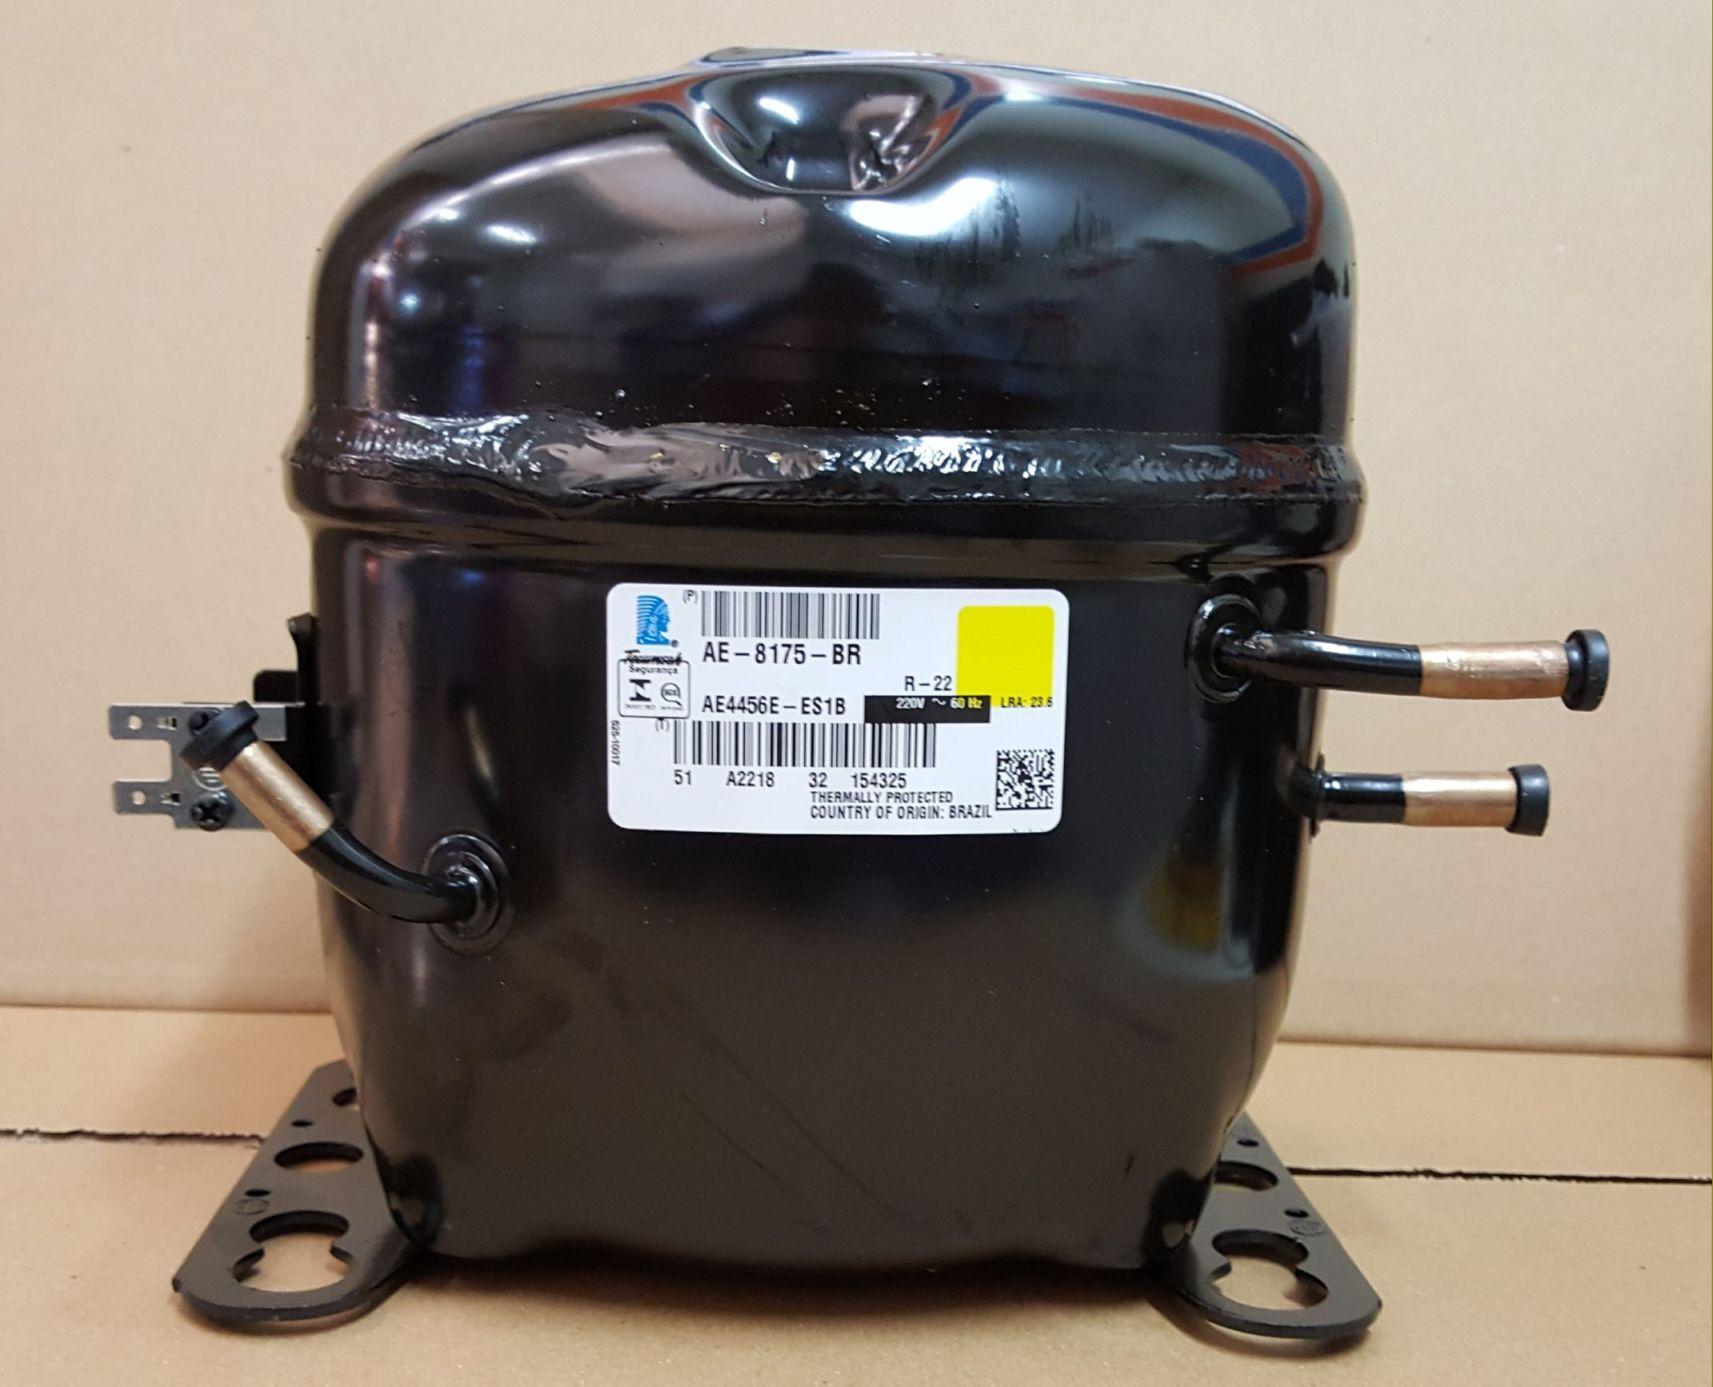 Motor Compressor Tecumseh 1/2 Hp (AE4456E / AE1265E) - 220v - R22